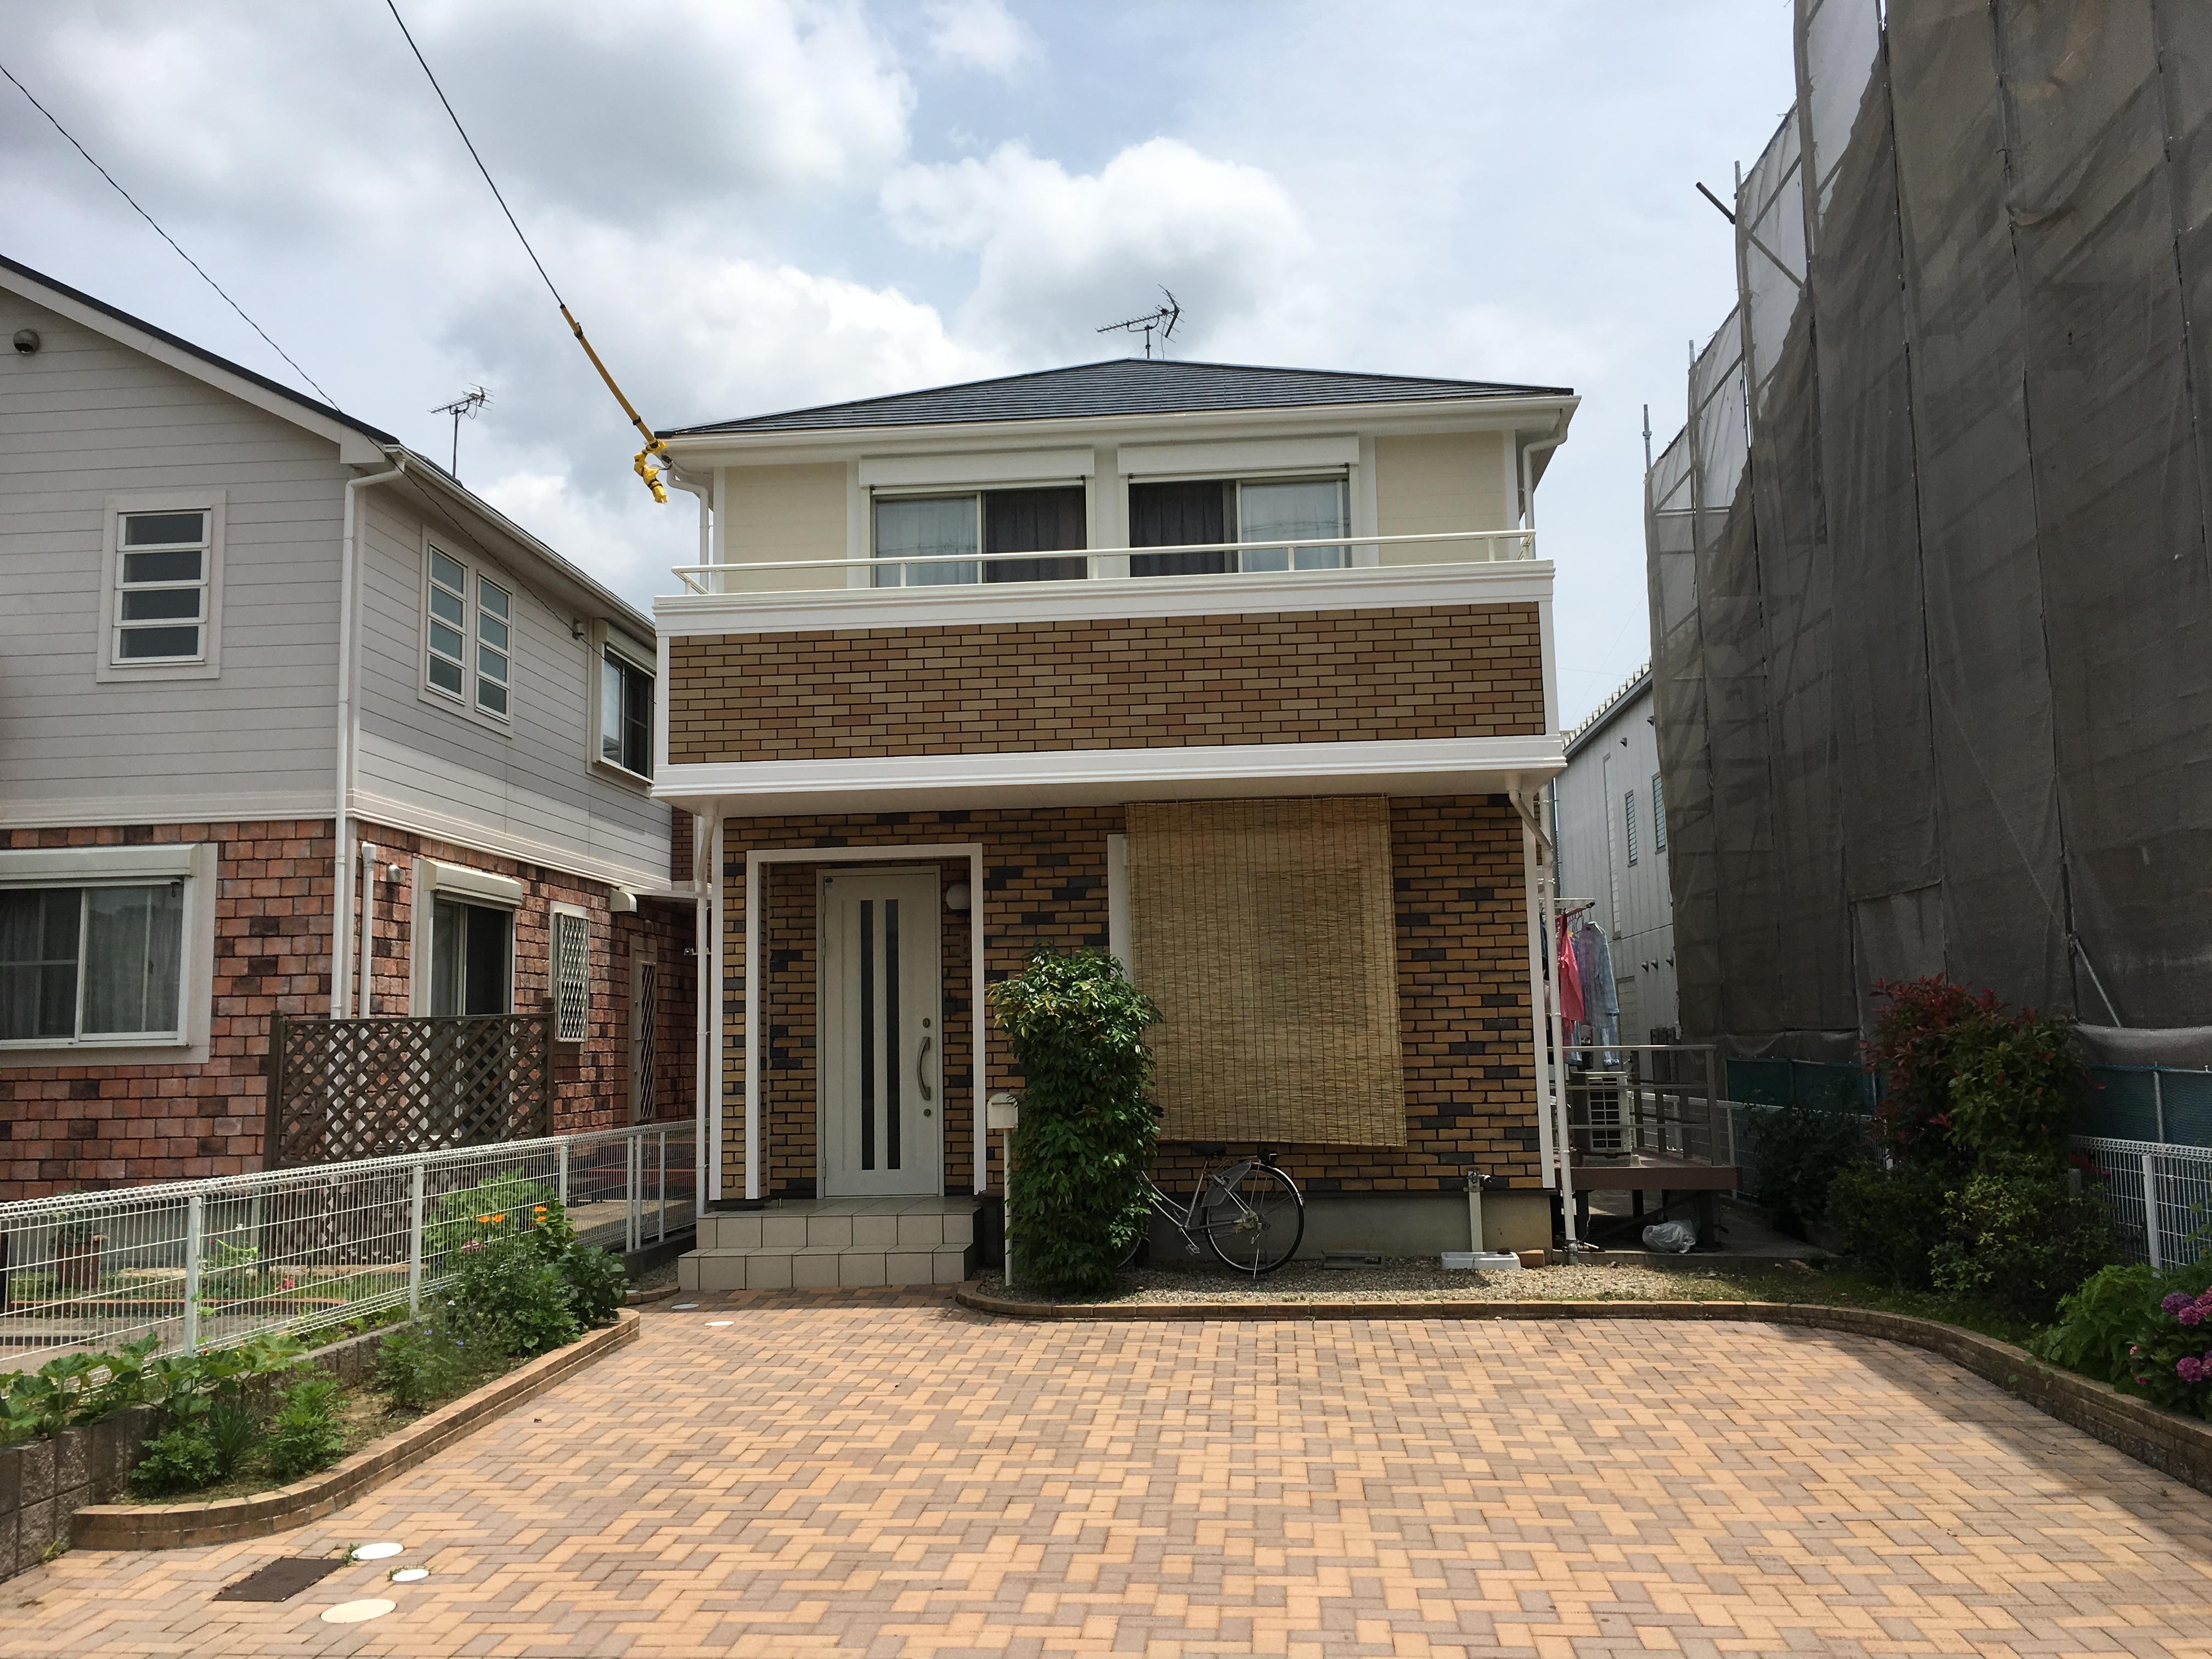 遮熱・防水塗料を使用し長期的に建物を守ります!